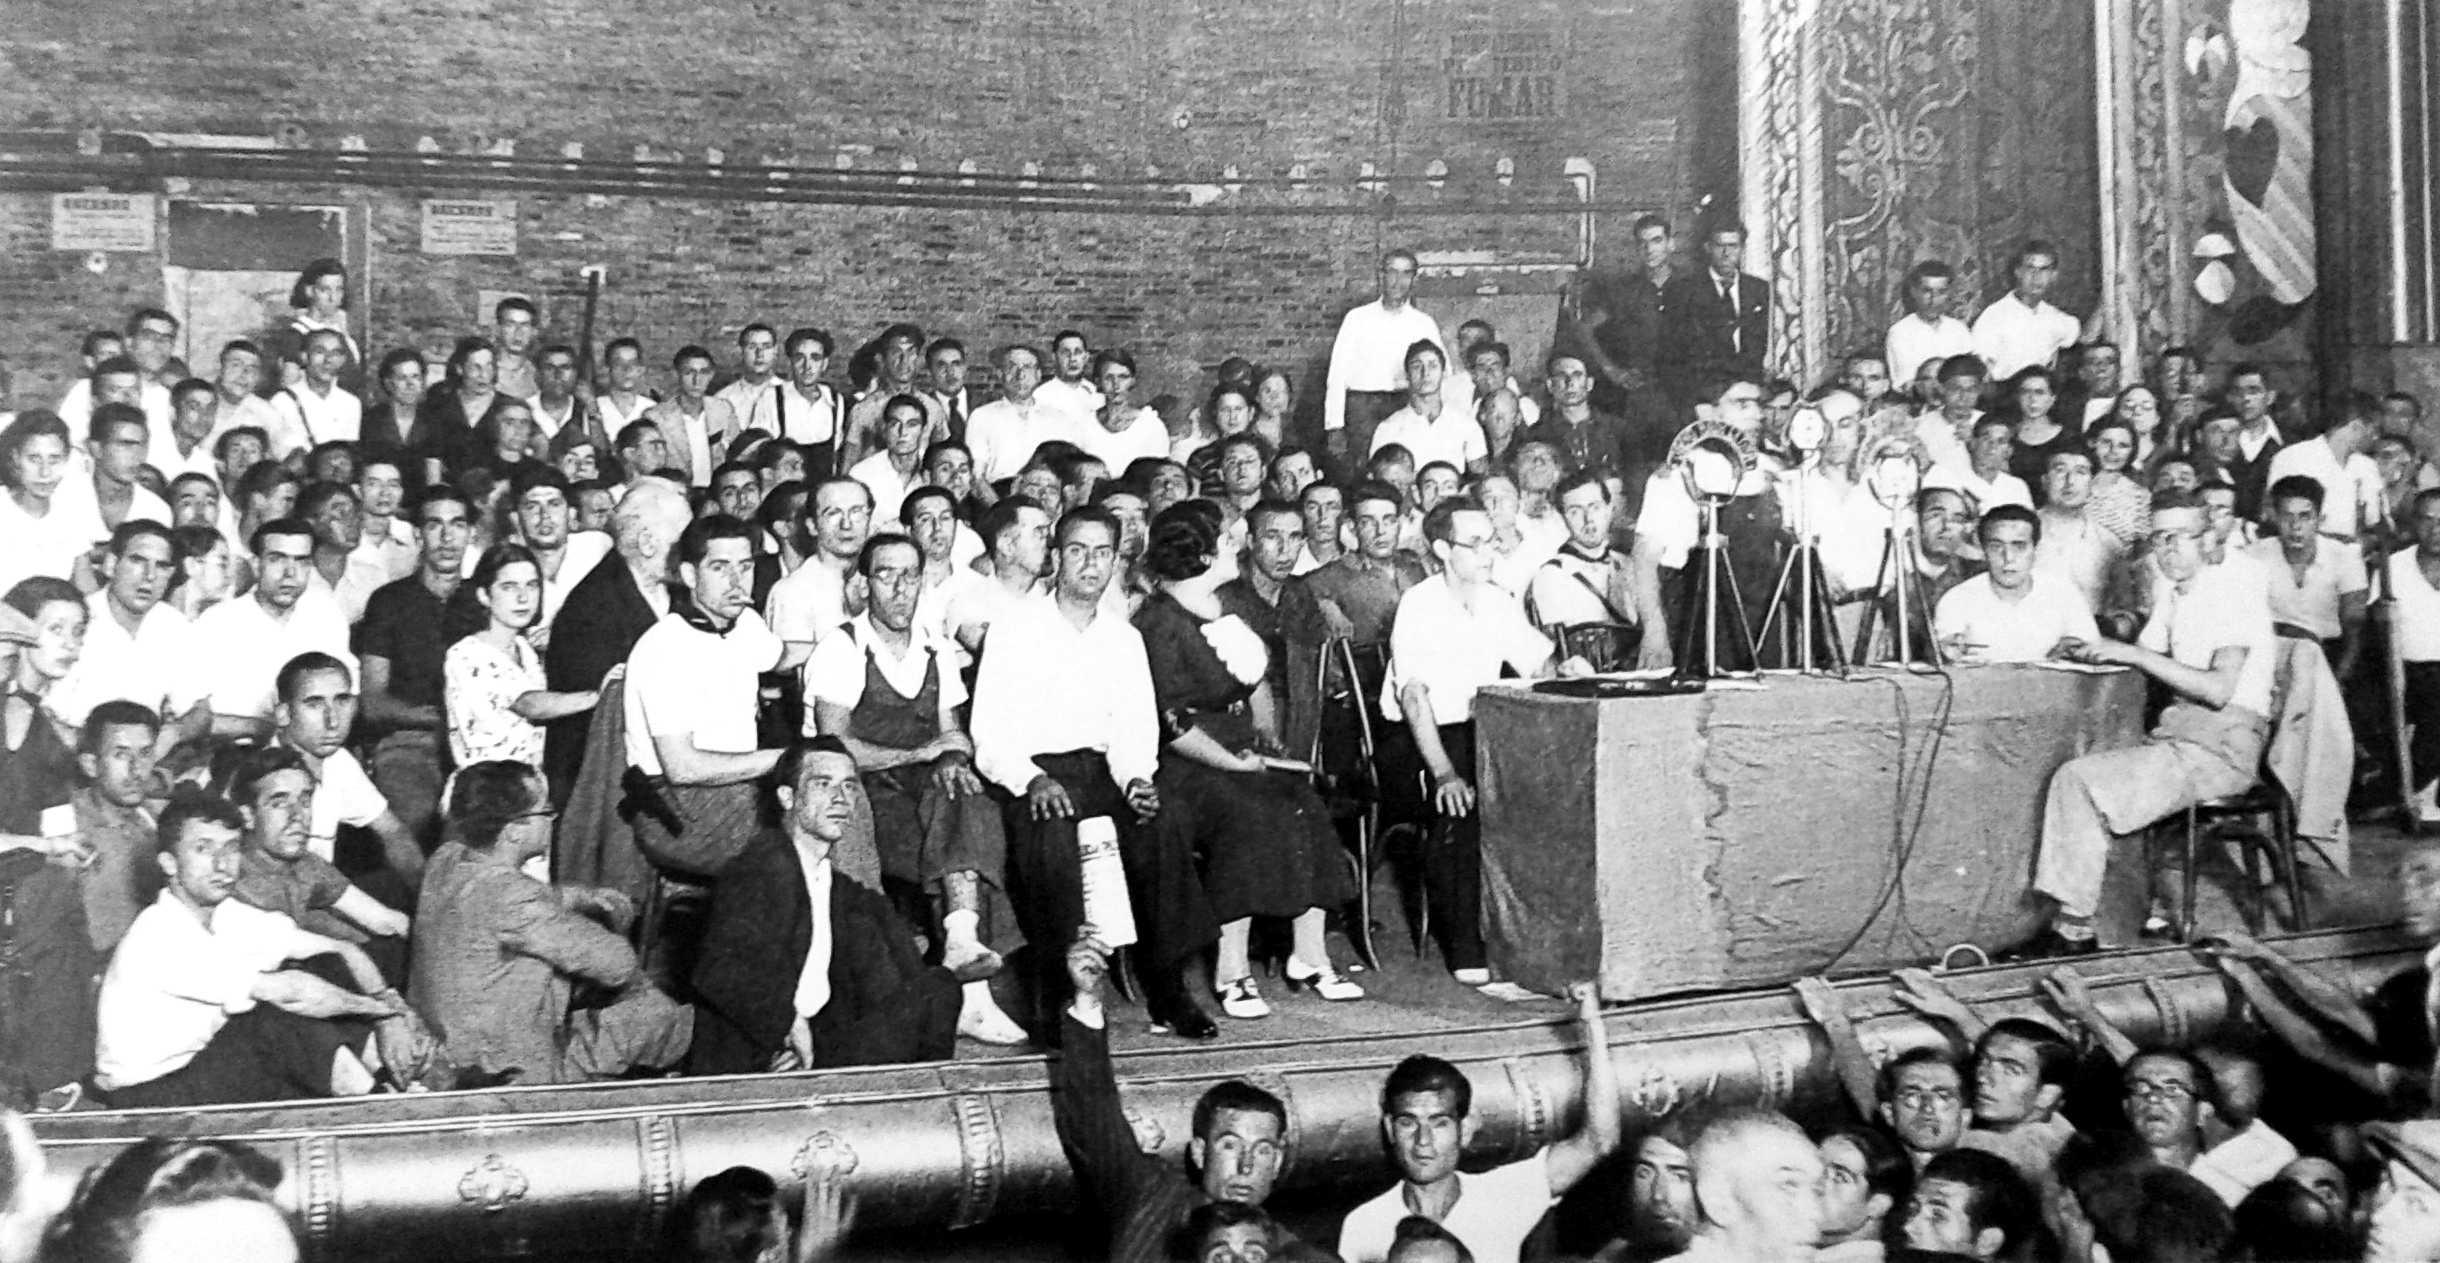 Un moment del míting de l'Olympia del 9 d'agost de 1936